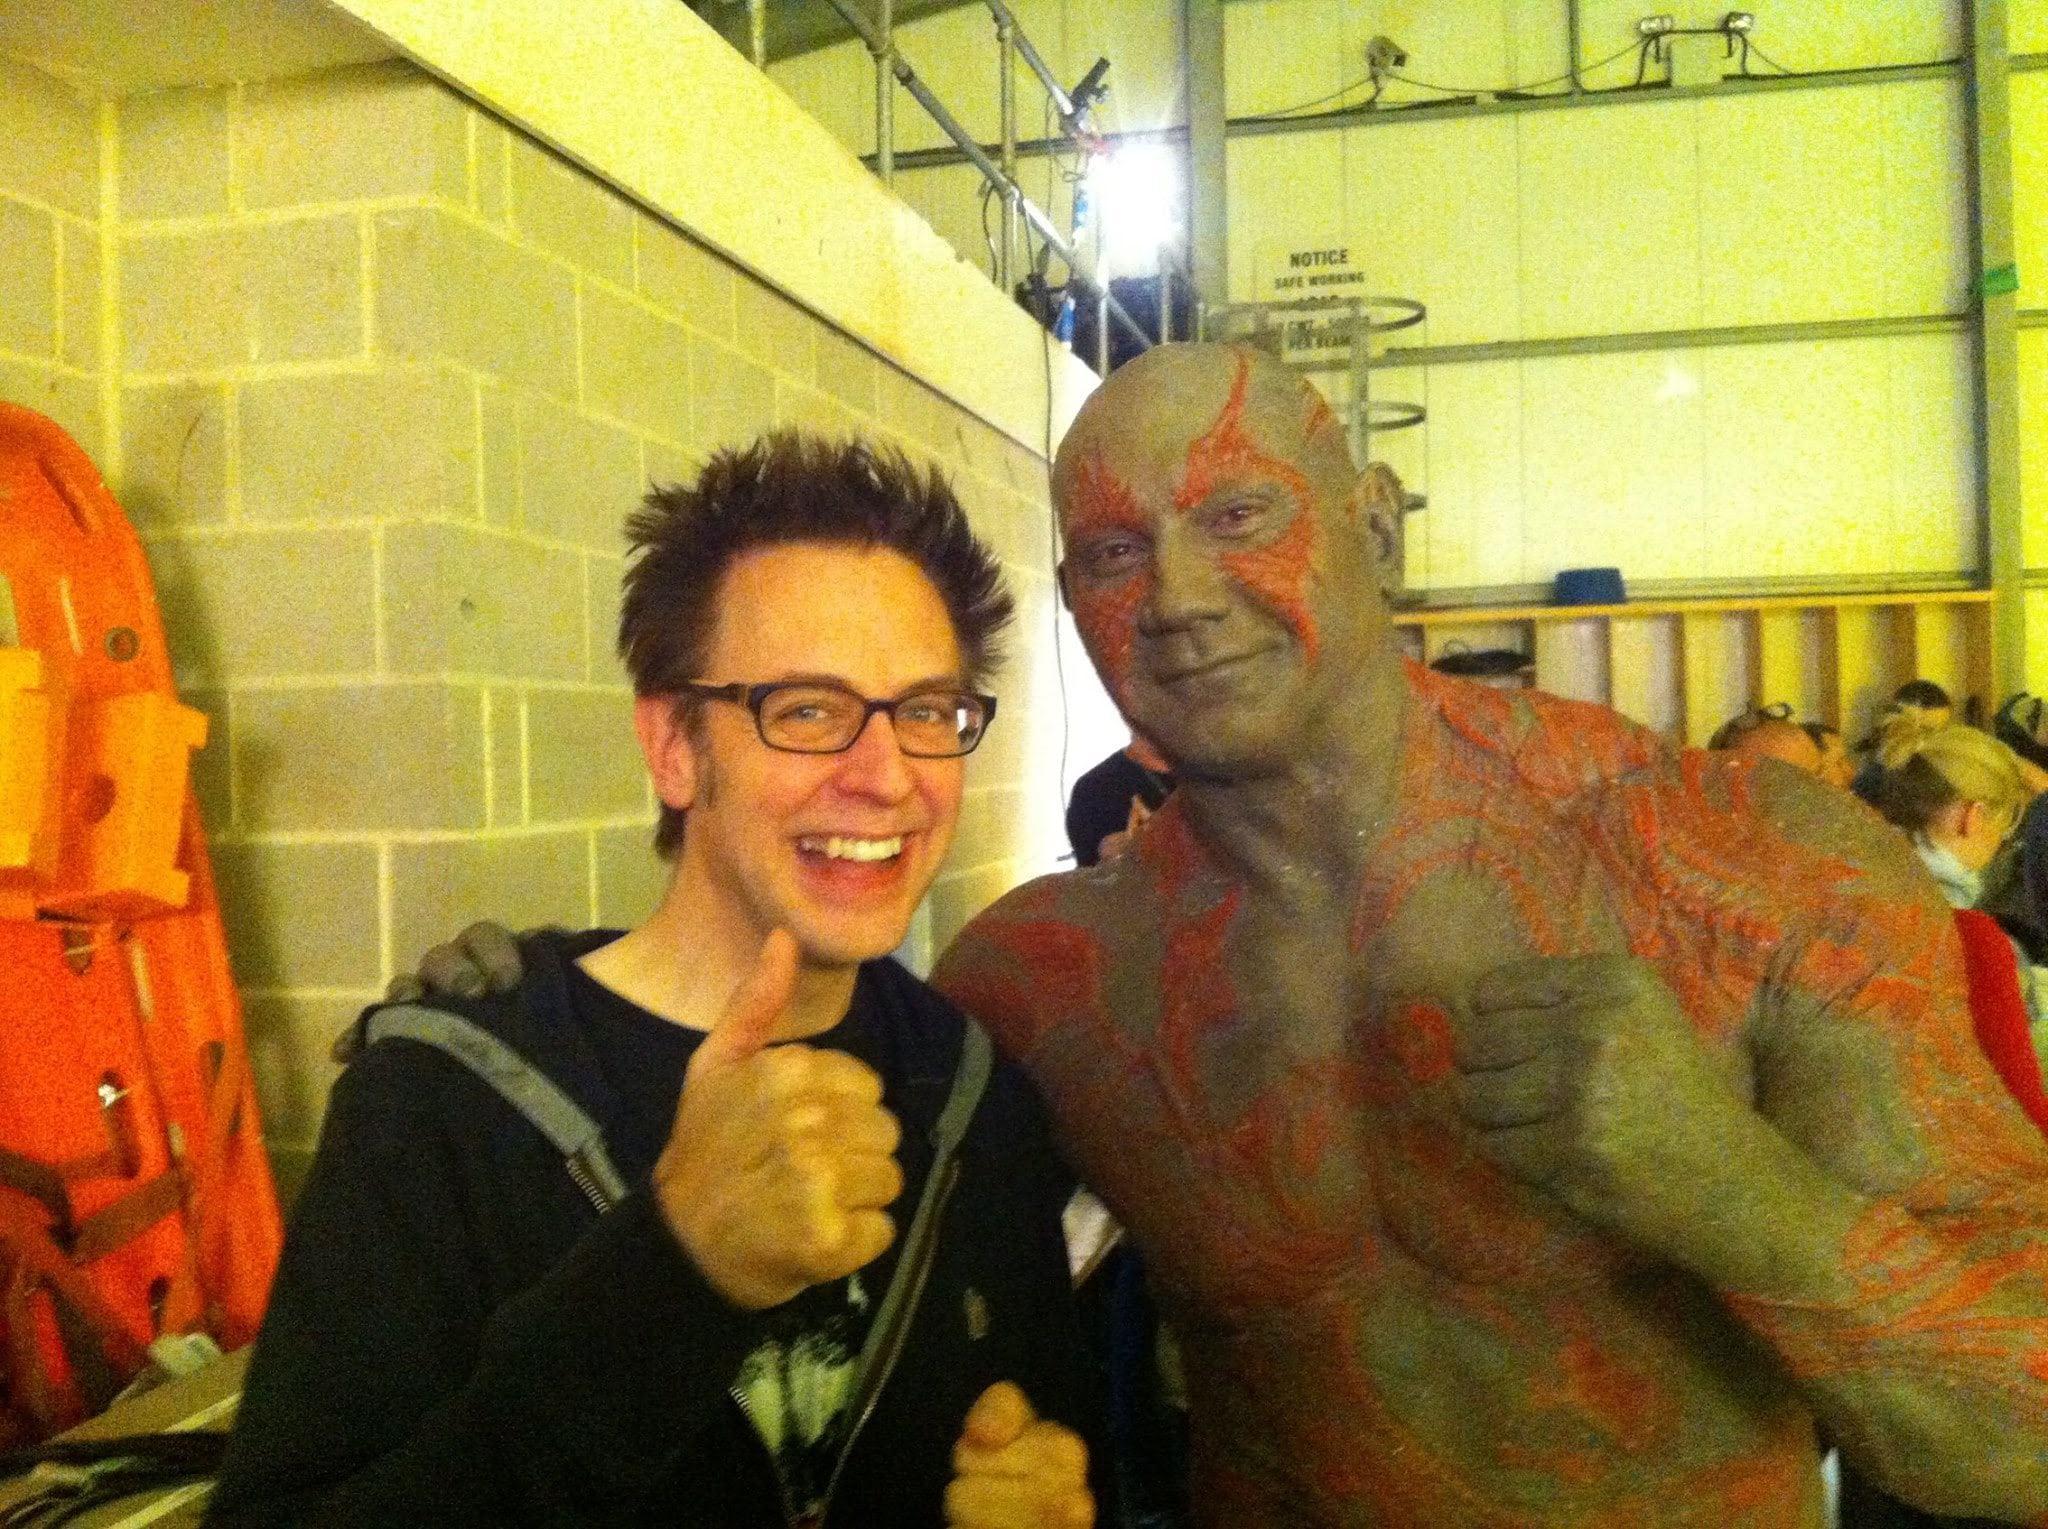 The Suicide Squad : ジェームズ・ガン監督が悪役特攻部隊を招集する「新・スーサイド・スクワッド」が、バティスタではないプロレスラーを出演者に起用 ! ! のサプライズ ! !